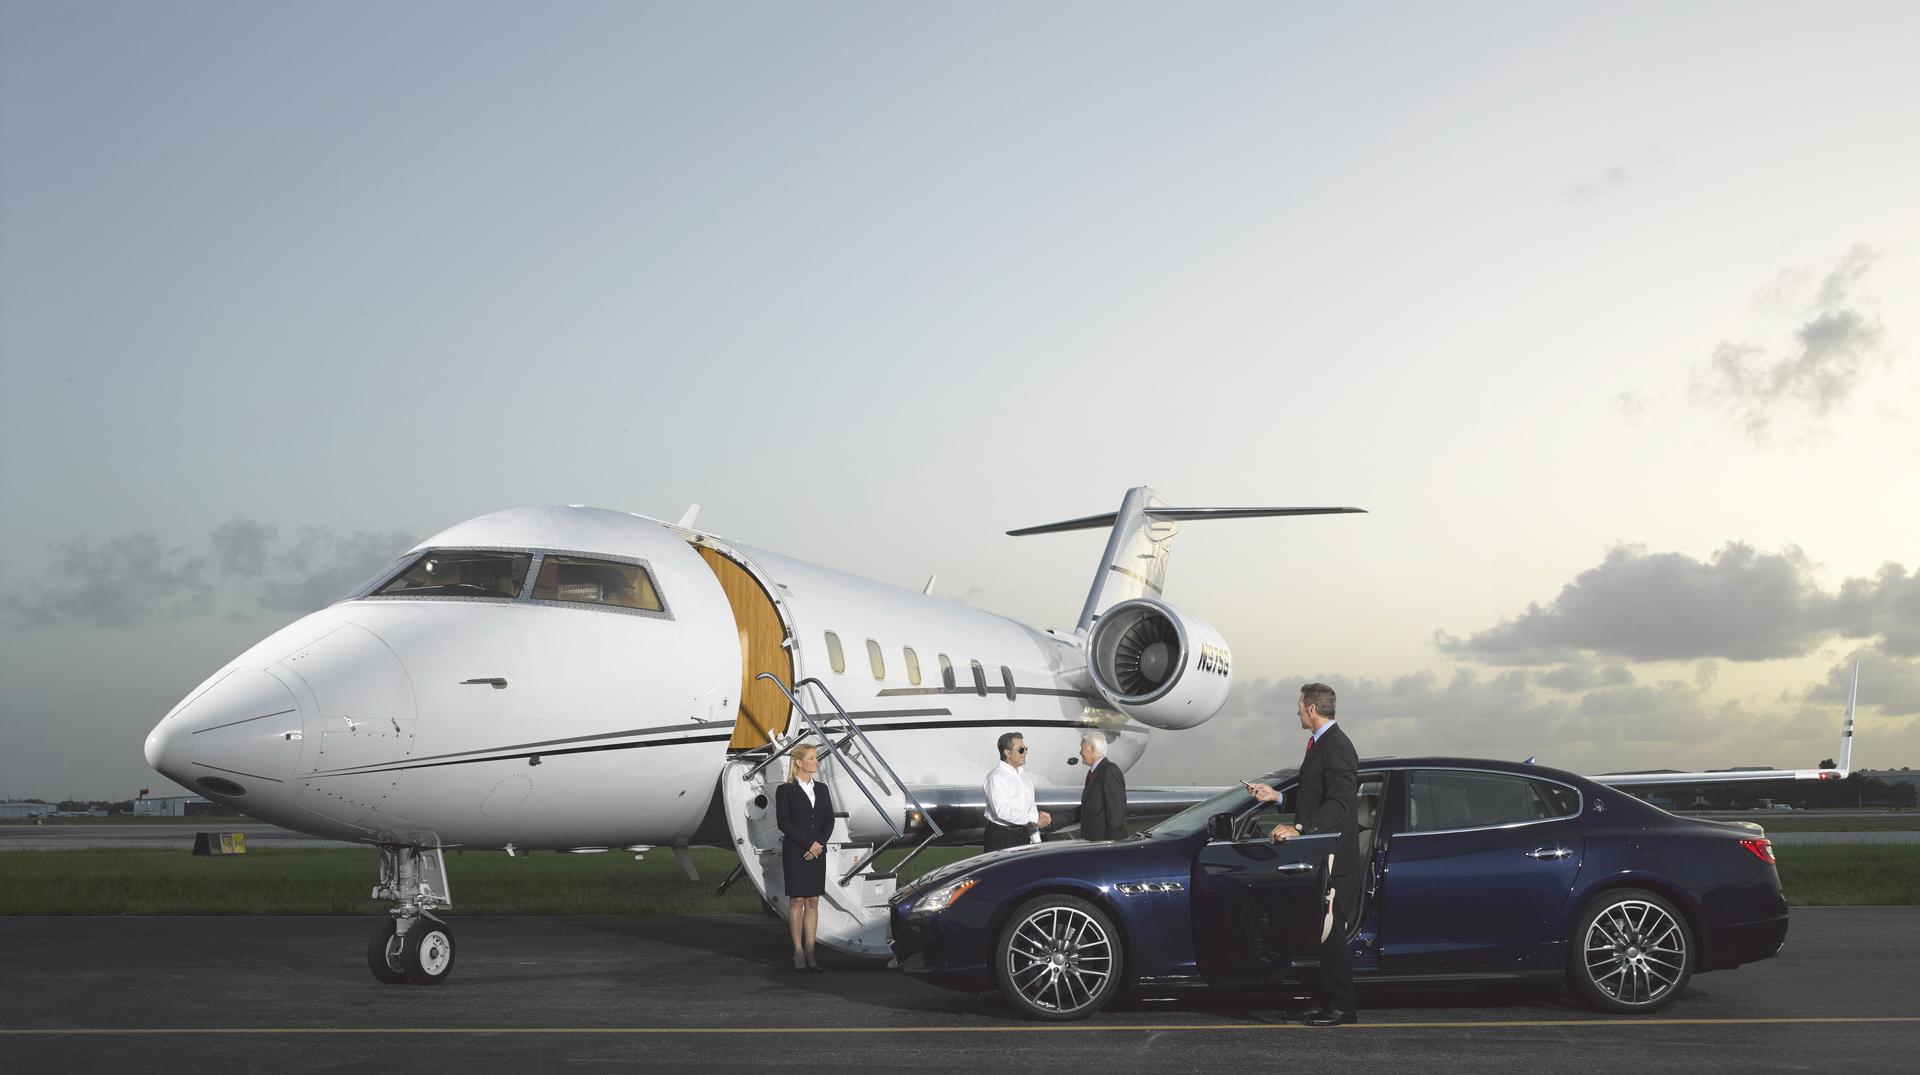 jetsmarter 814 0055 copy - Какбизнес-джетыпомогли жителям Флориды избежать урагана Ирма